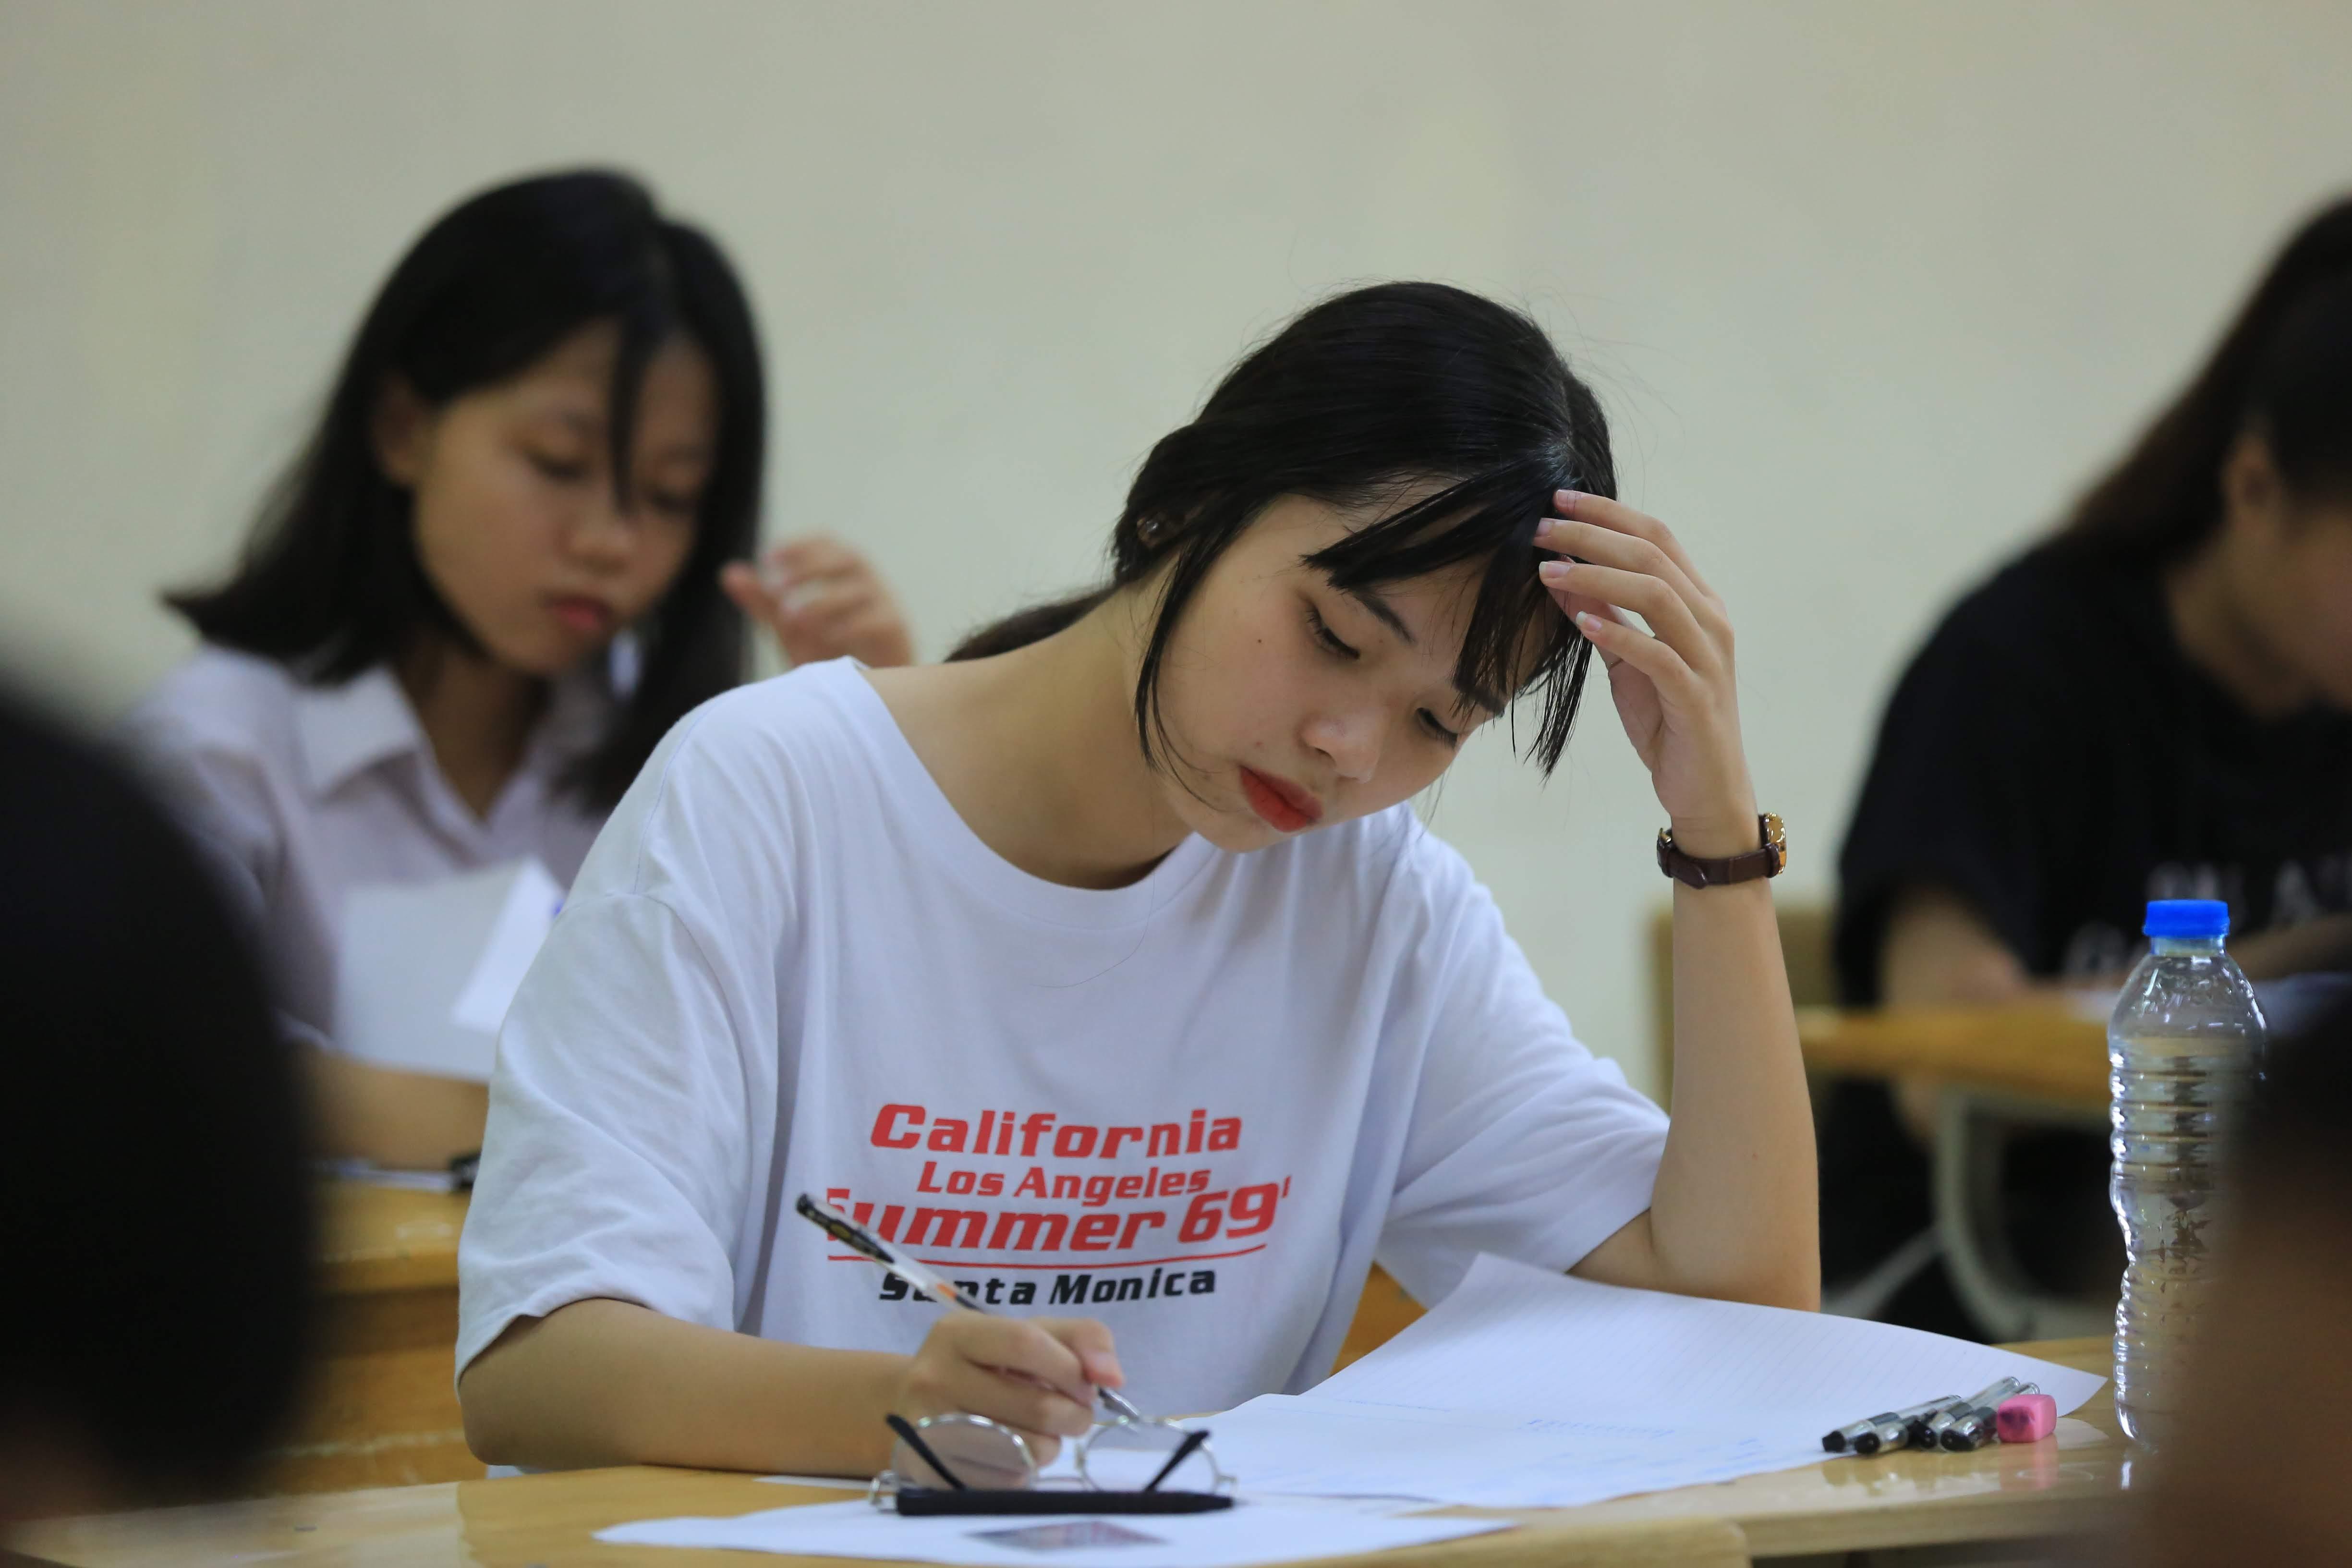 Ảnh: Quang Vinh.